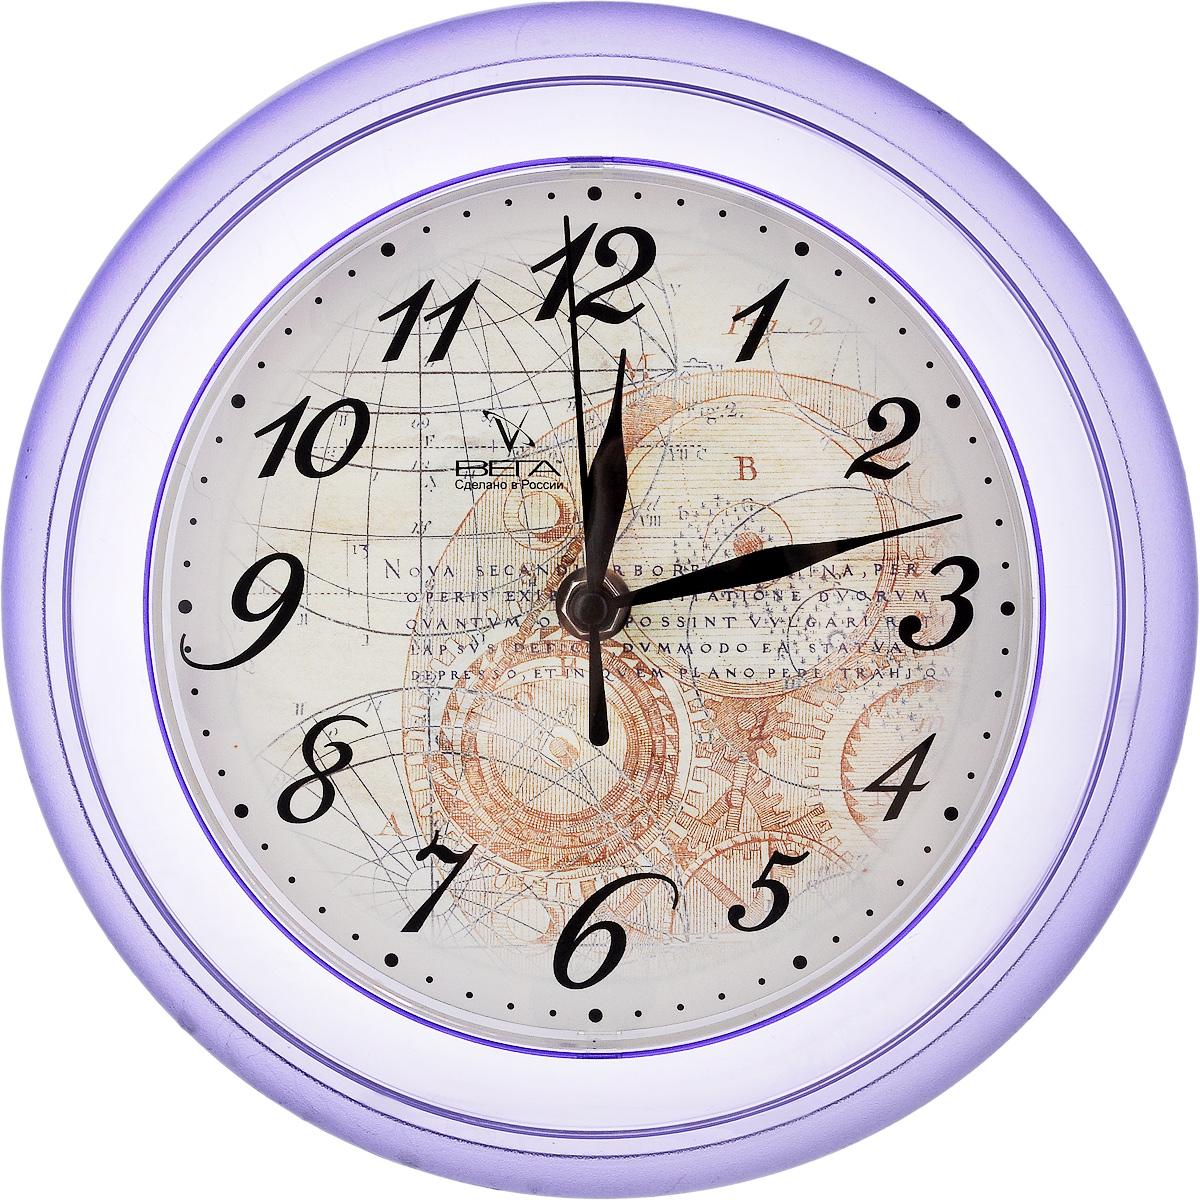 Часы настенные Вега Географические, диаметр 22,5 смП6-13-13Настенные кварцевые часы Вега Географические в классическом дизайне,изготовленные из пластика, прекрасно впишутся в интерьервашего дома. Круглые часы имеют три стрелки: часовую,минутную и секундную, циферблат защищен прозрачным стеклом.Часы работают от 1 батарейки типа АА напряжением 1,5 В (не входит в комплект).Диаметр часов: 22,5 см.